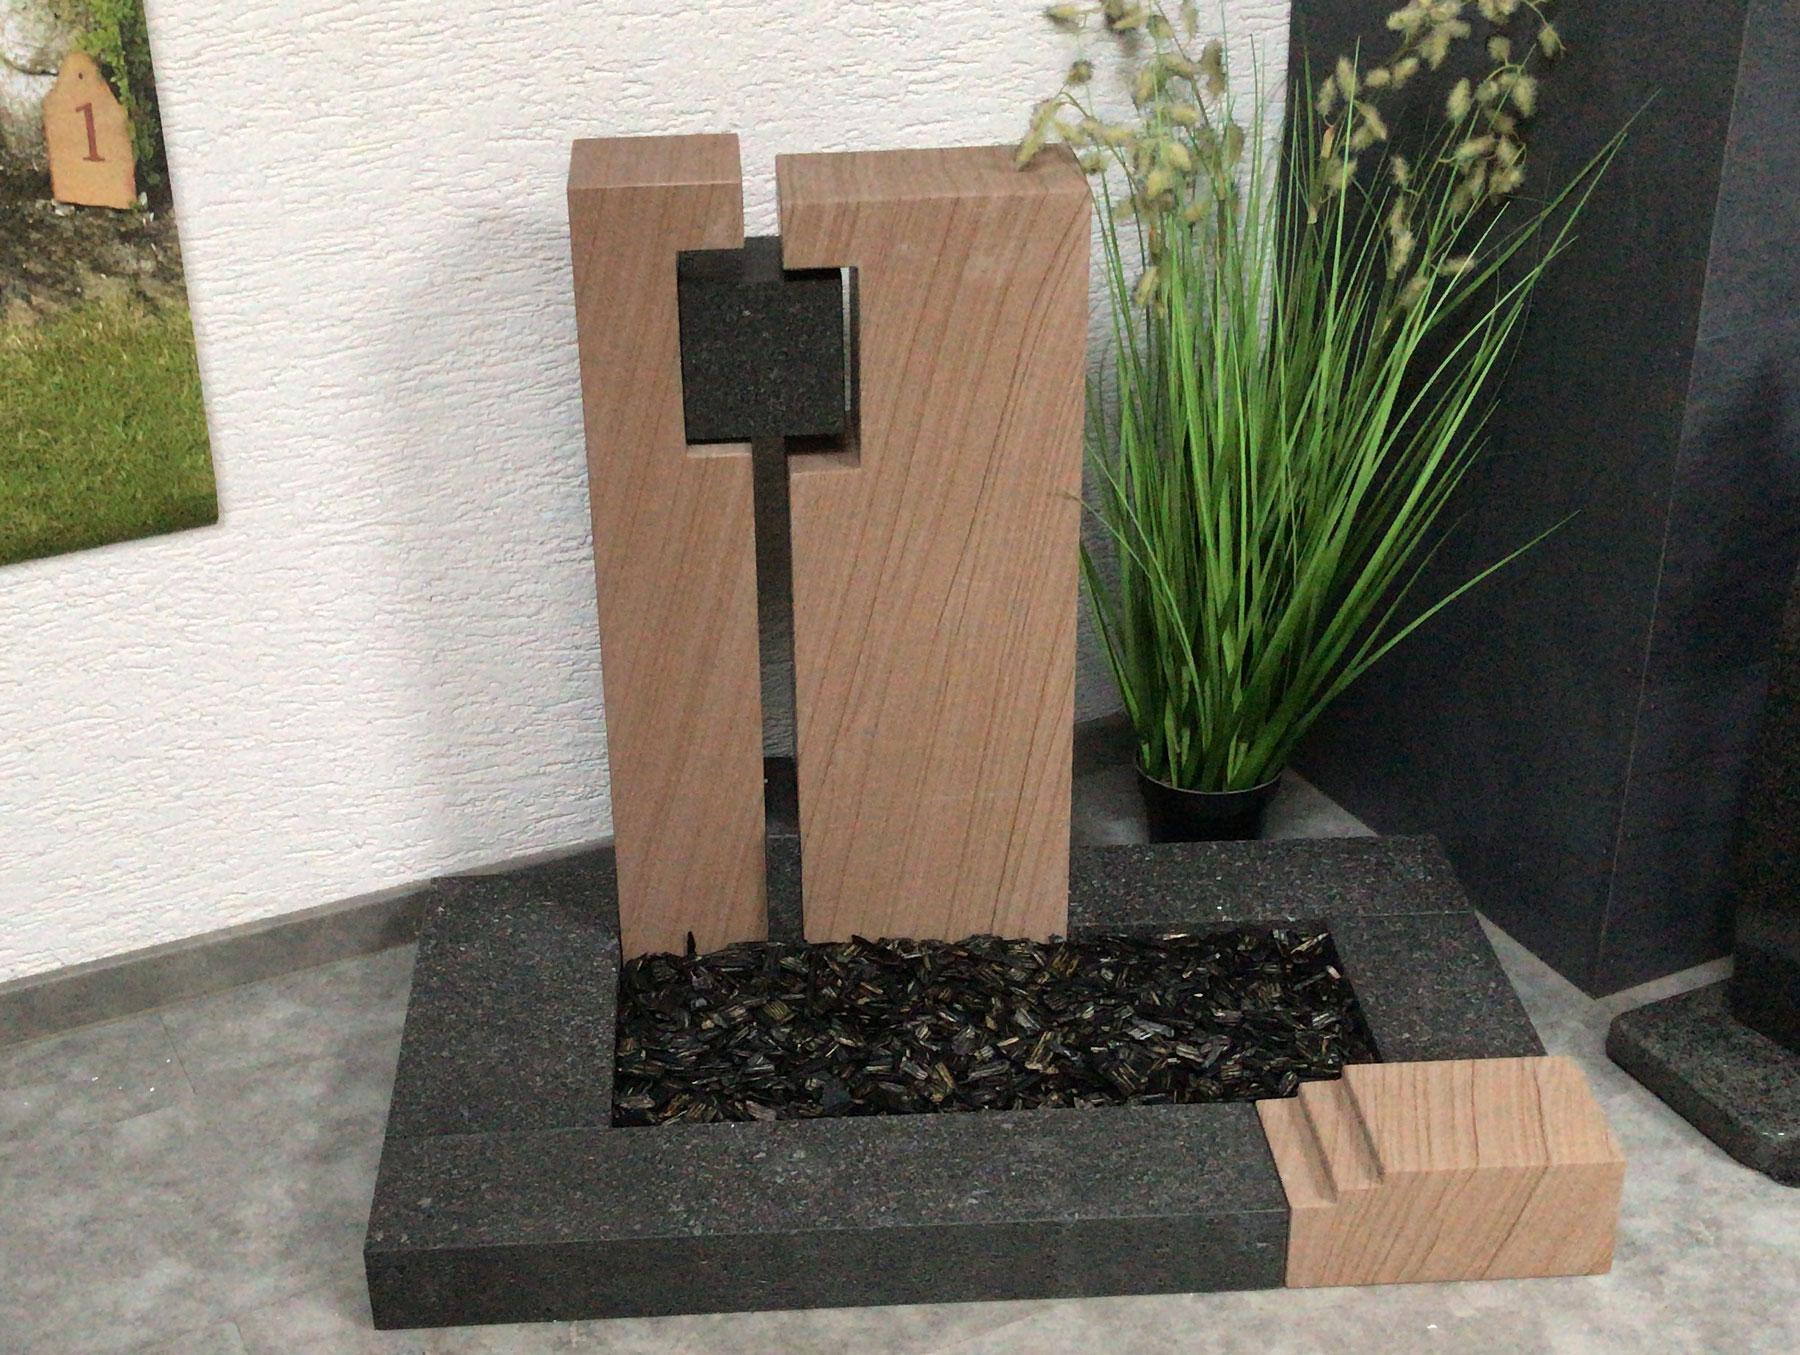 steinmetz-horst-urnengrabmal-nachhaltige-materialien